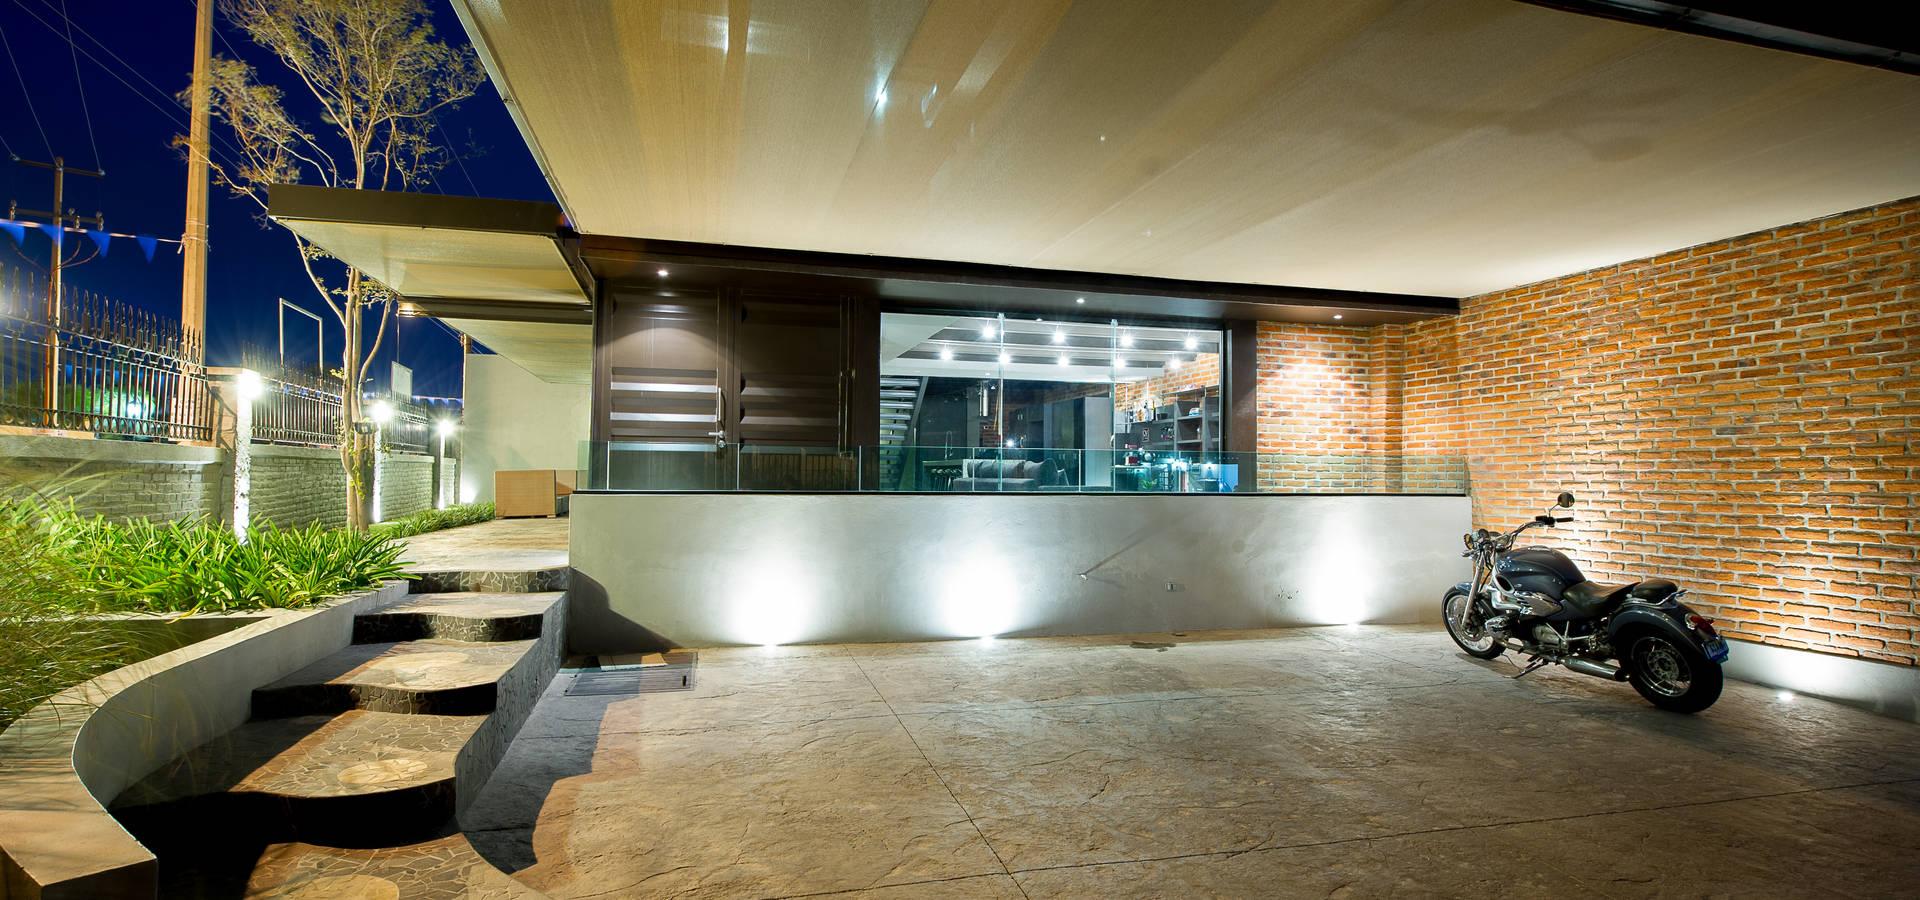 Con contenedores s a de c v arquitectos en guadalajara for Casas ideas y proyectos